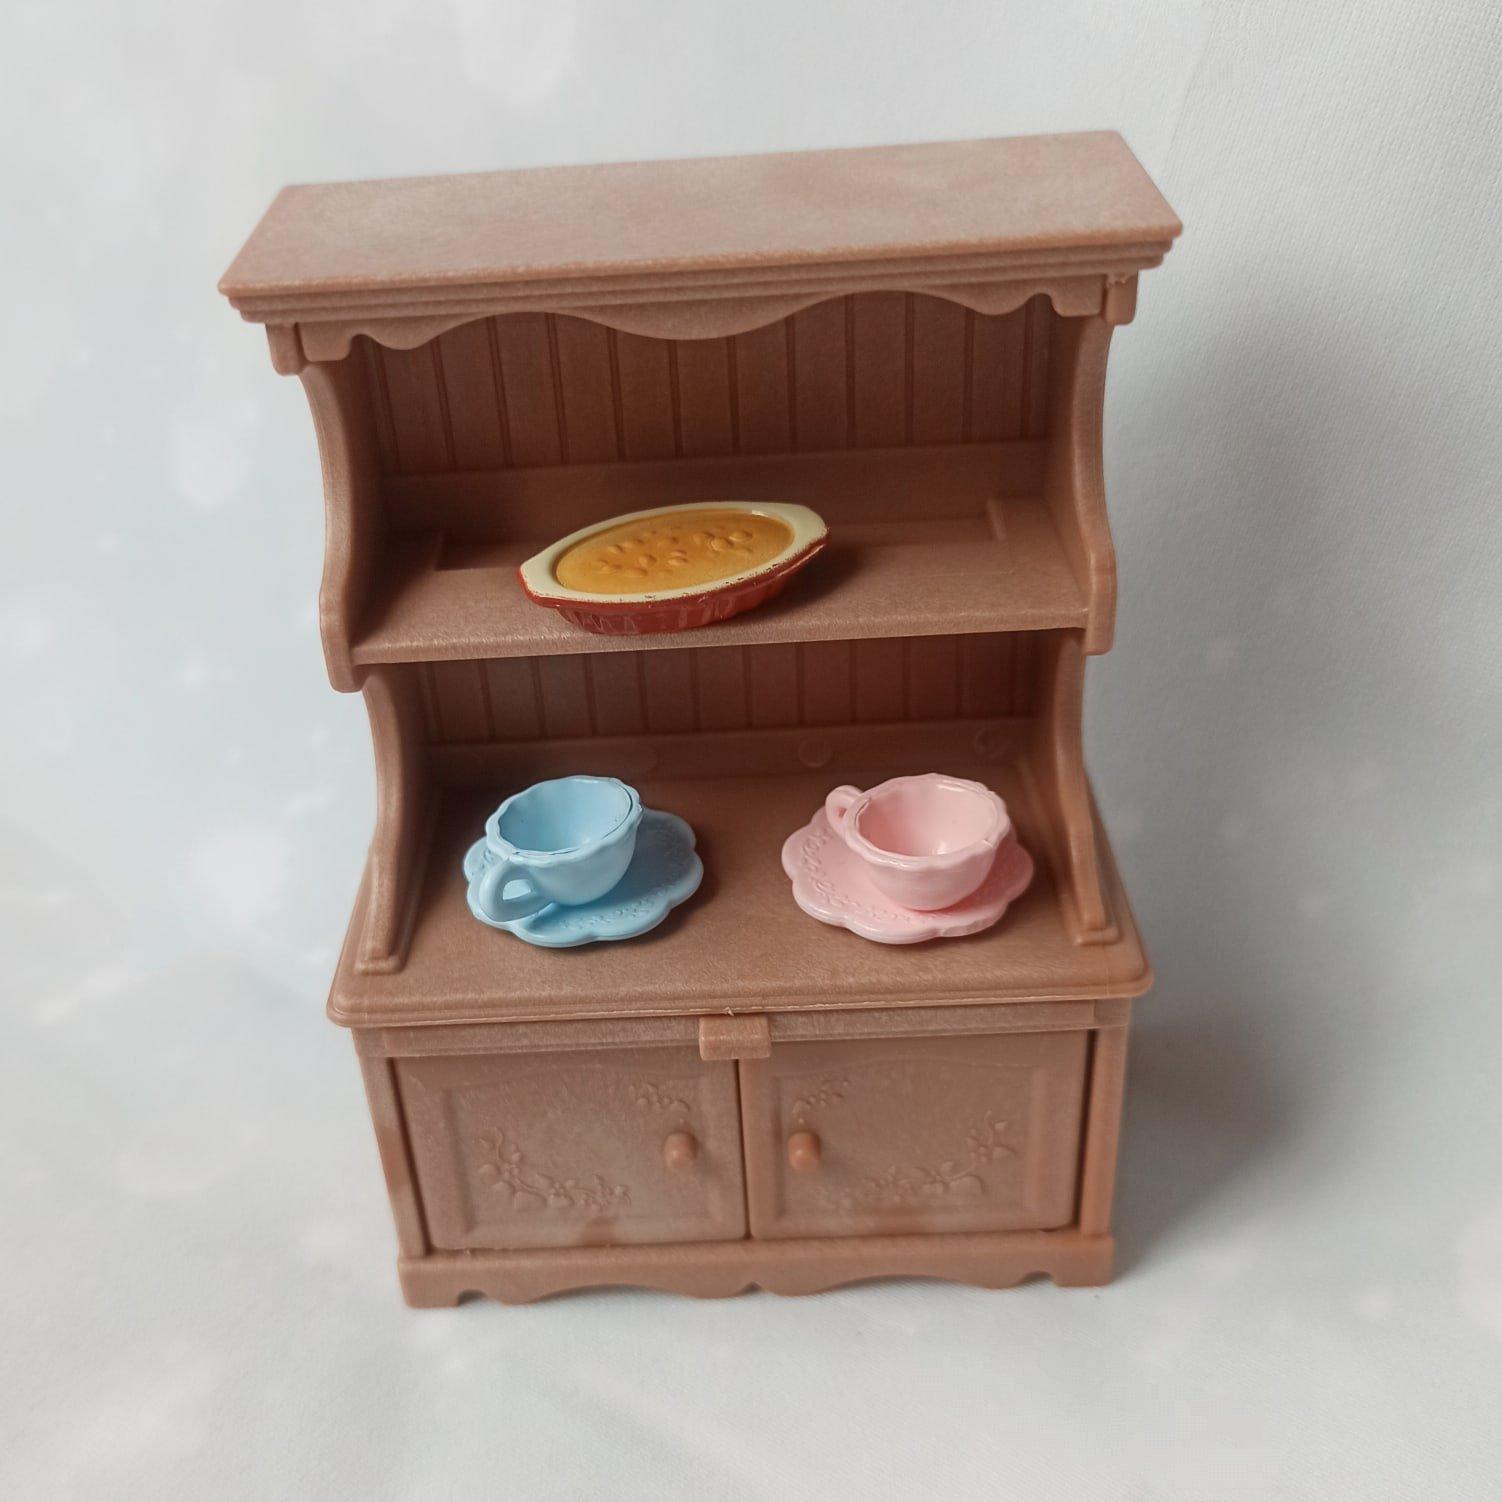 Комплект принадлежностей для кухни и мебели для игрового набора Sylvanian Families. - цена